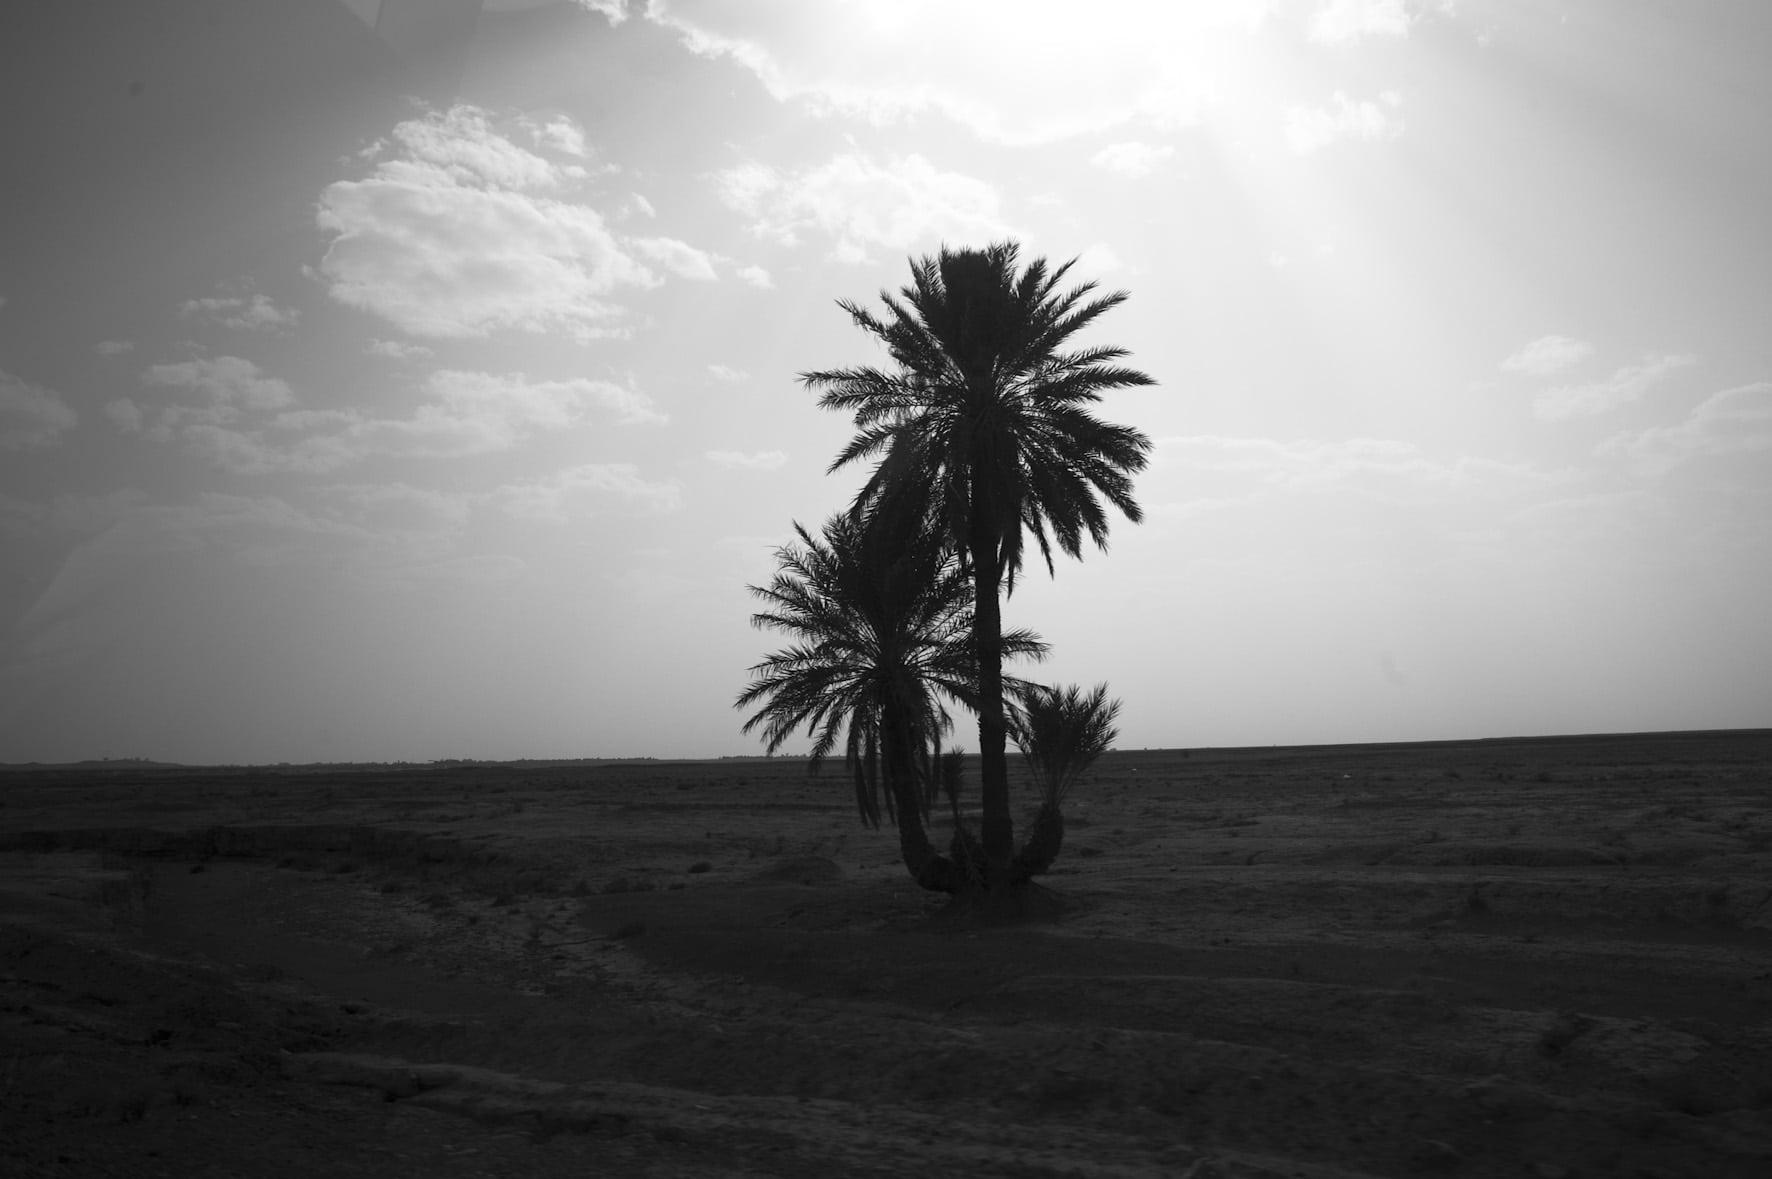 Palmier dans le désert lors d'un voyage d'EVJF à marrakech